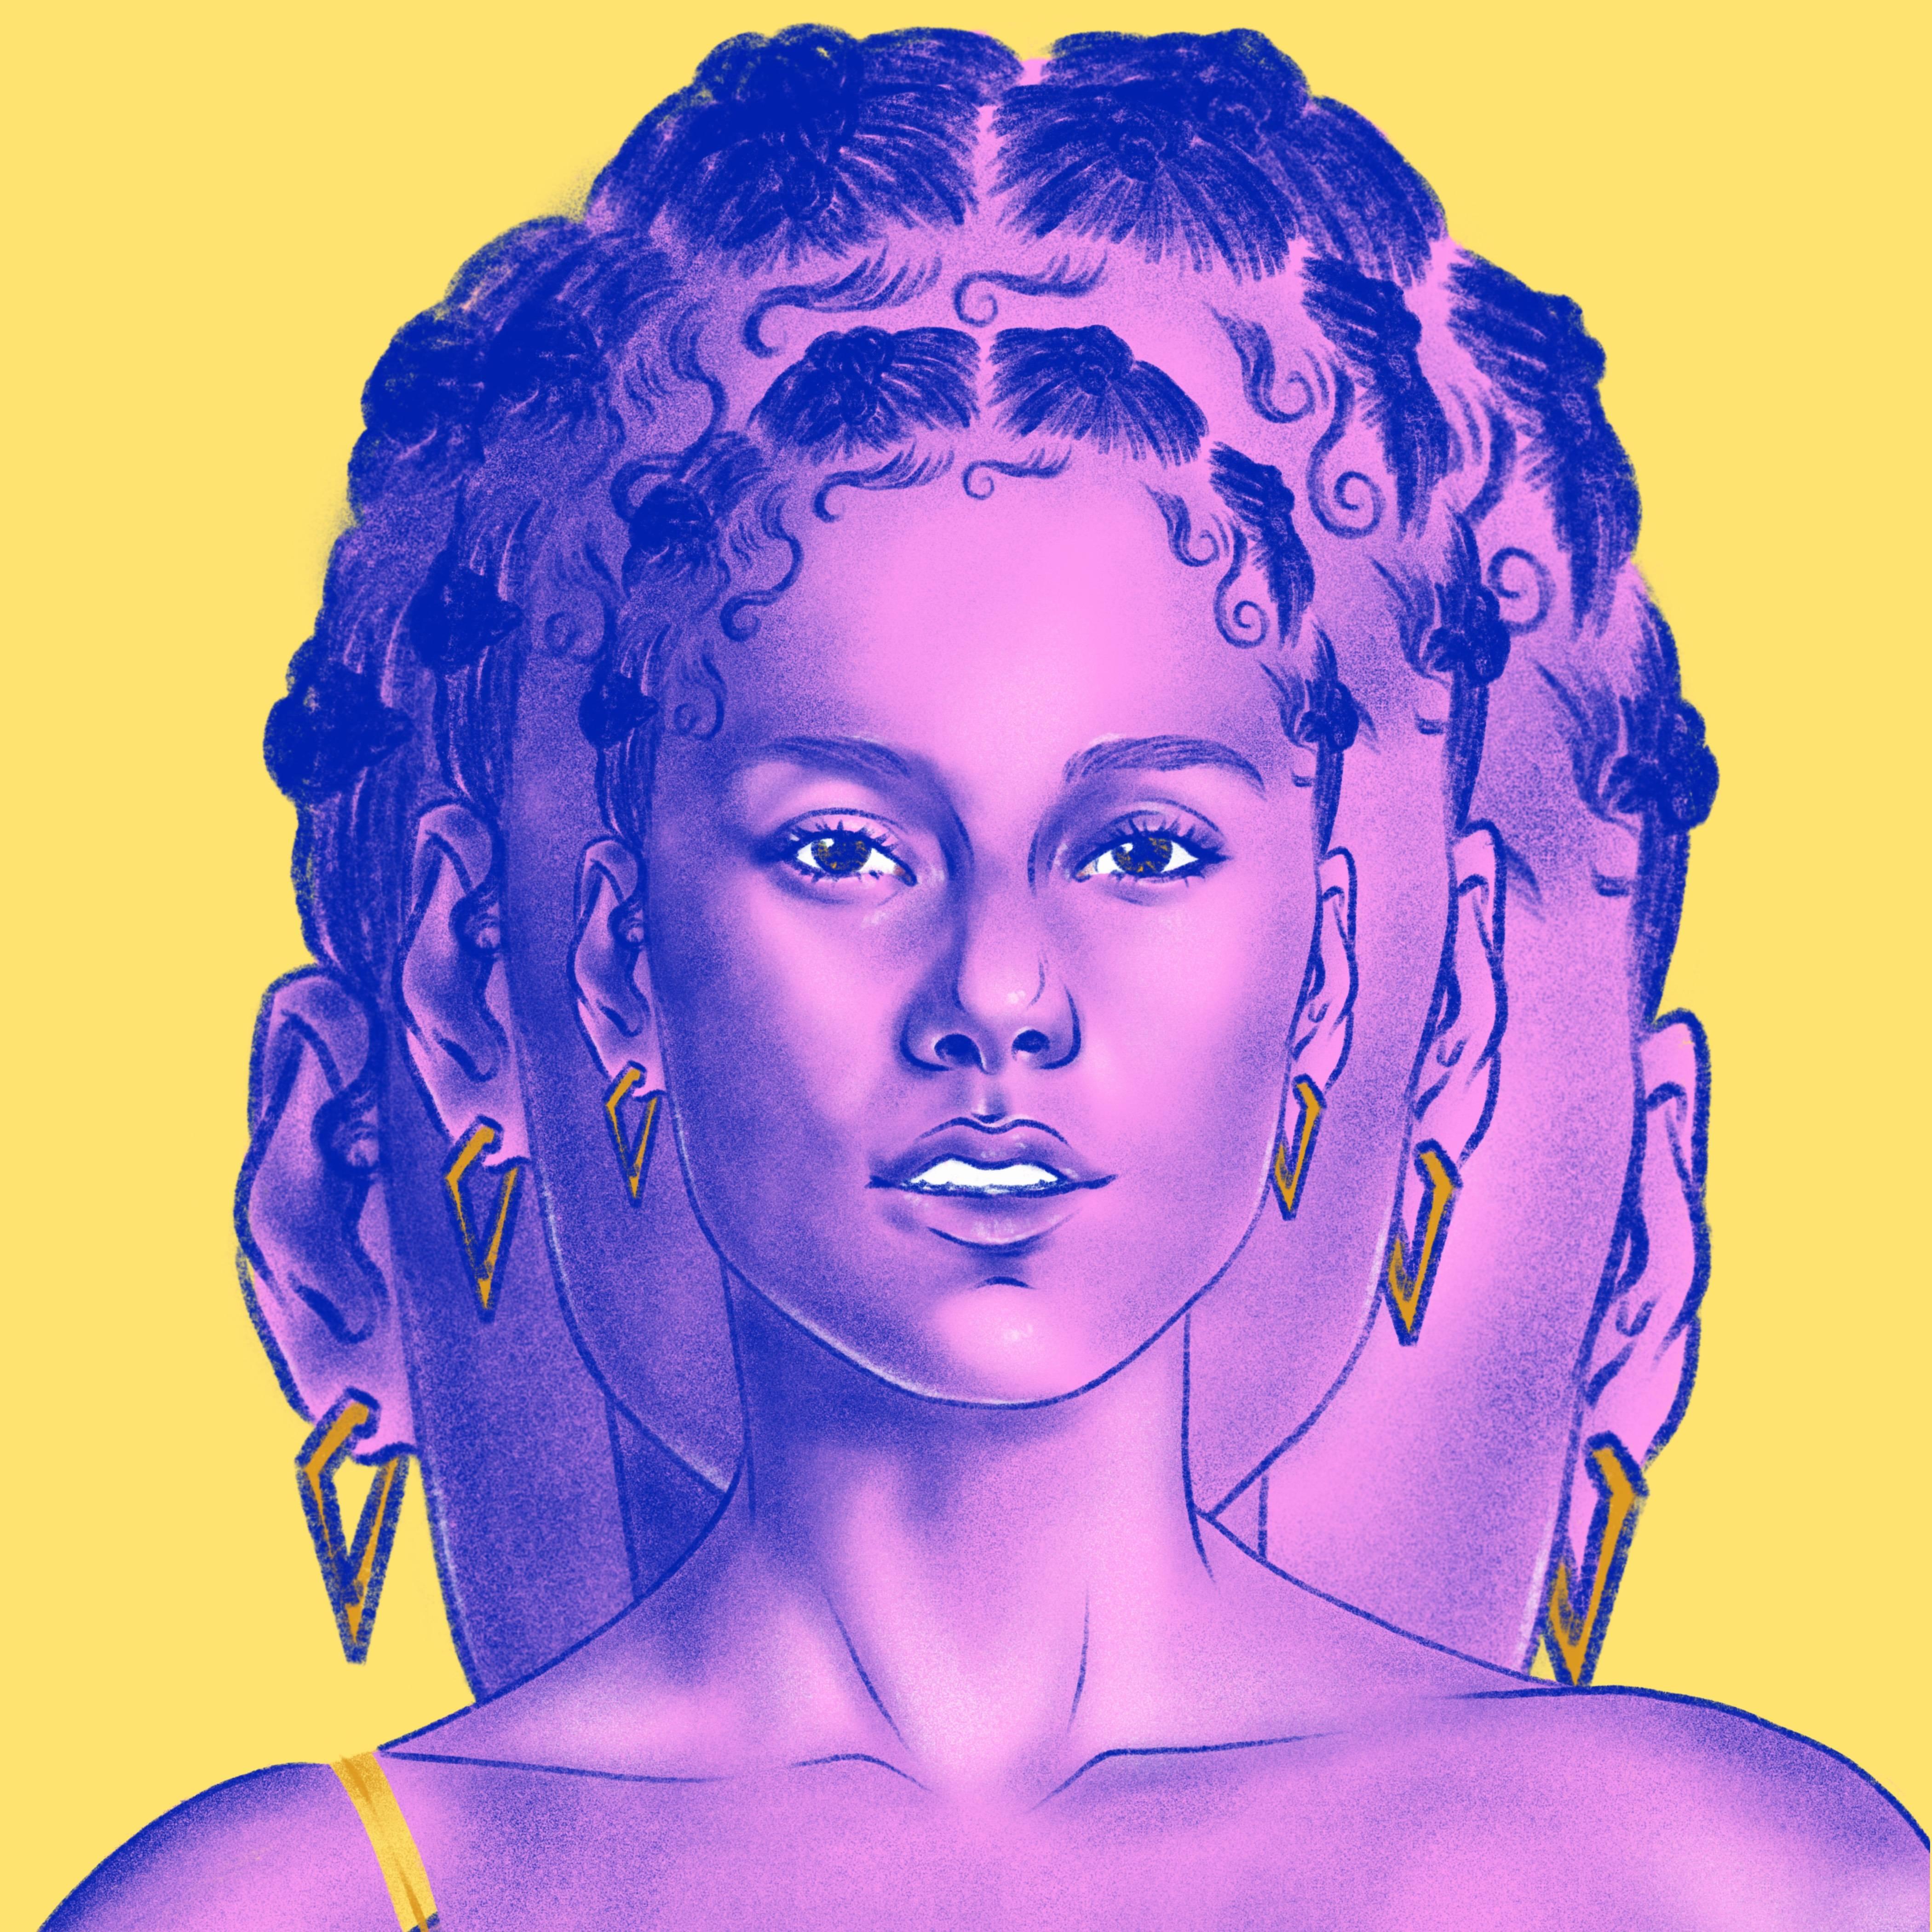 2020 VMA | Artist Spotlight Flipbook Alicia Keys by Rachelle Baker-Martin